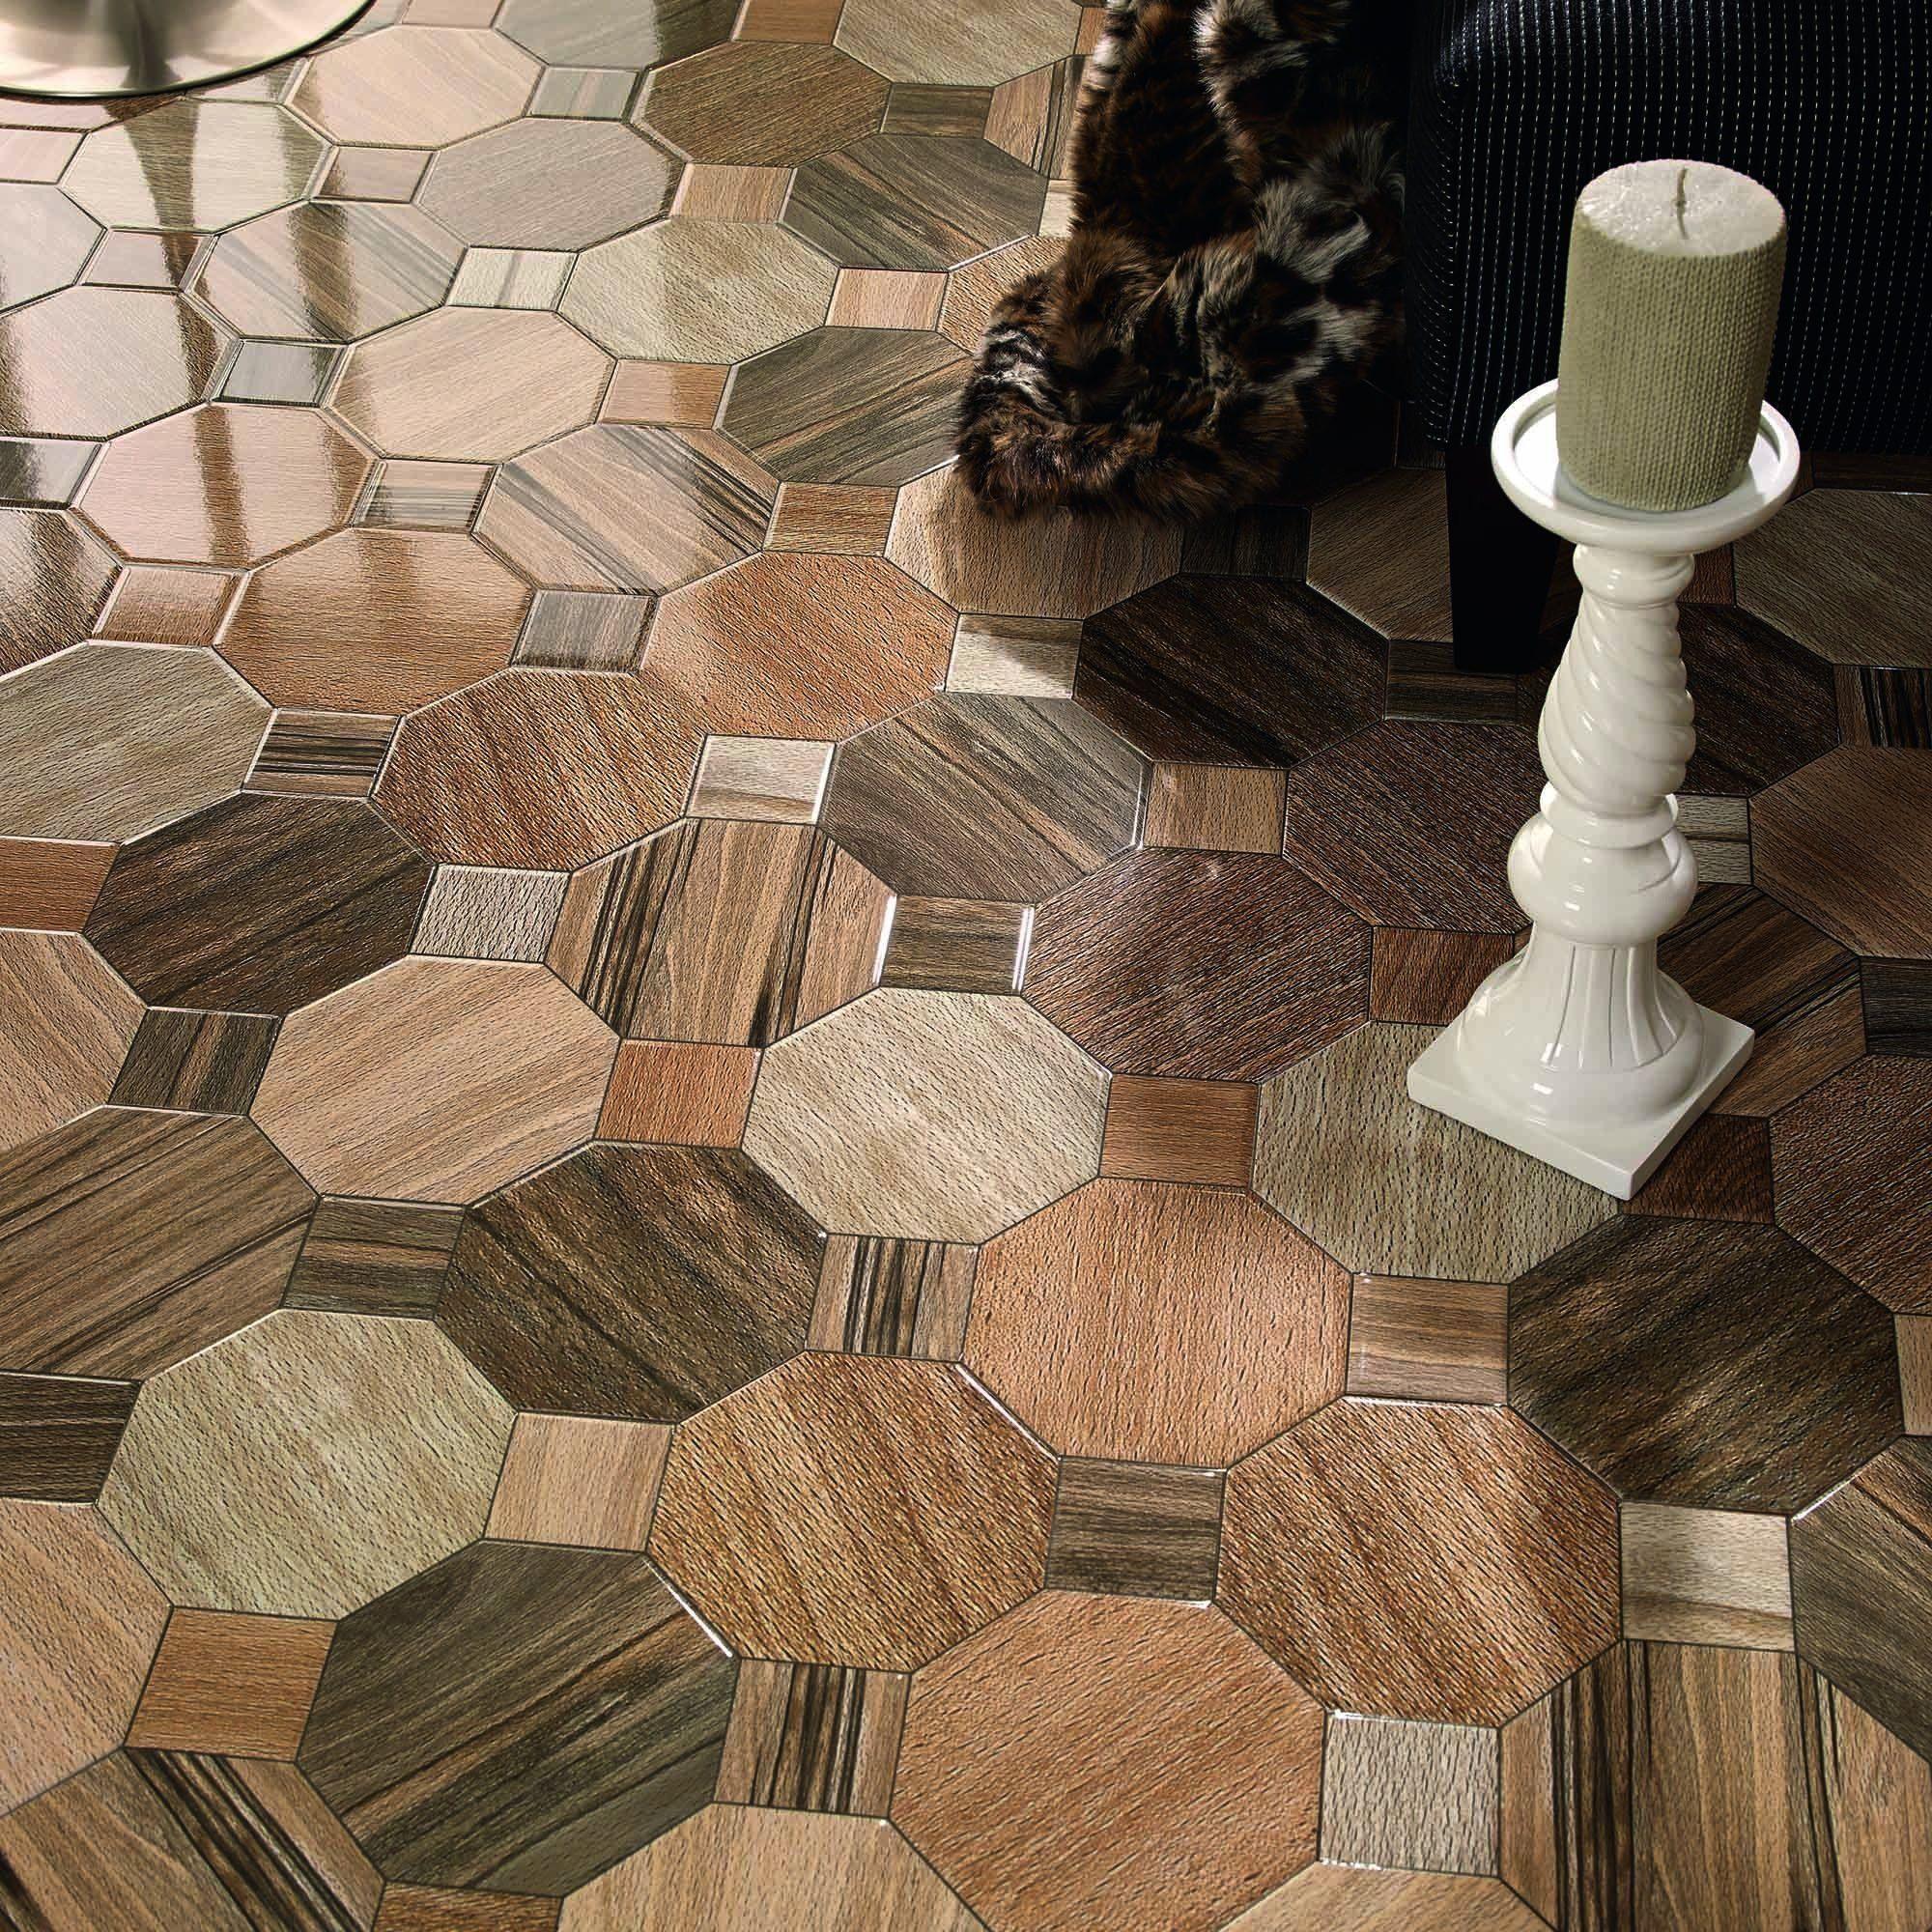 The somertile 1775x1775 inch kansai nogal ceramic floor and wall the somertile 1775x1775 inch kansai nogal ceramic floor and wall tile is dailygadgetfo Images